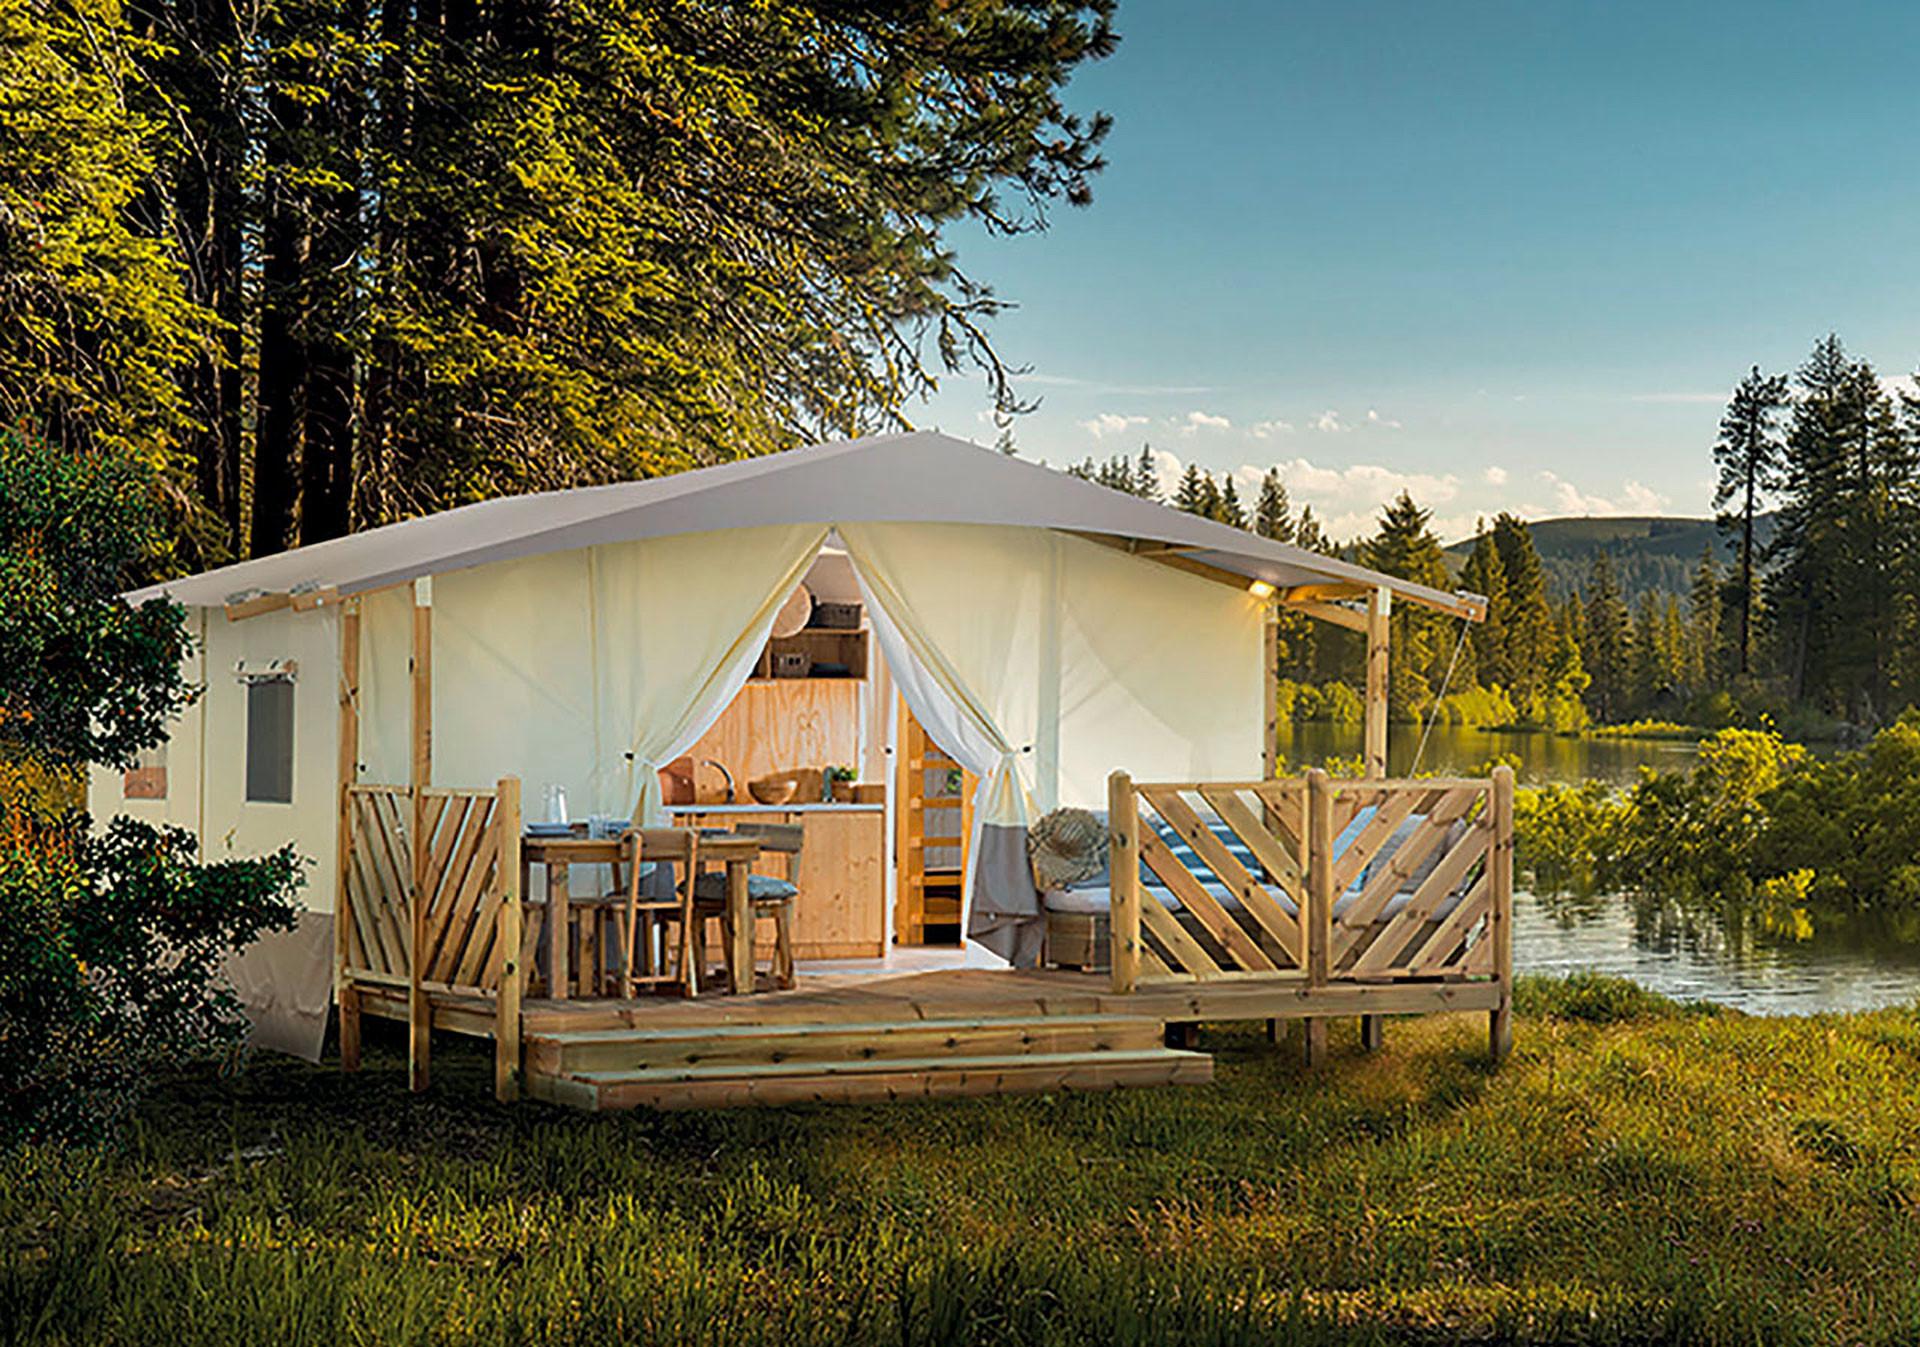 Il 2021 sarà l'anno del turismo in campeggio